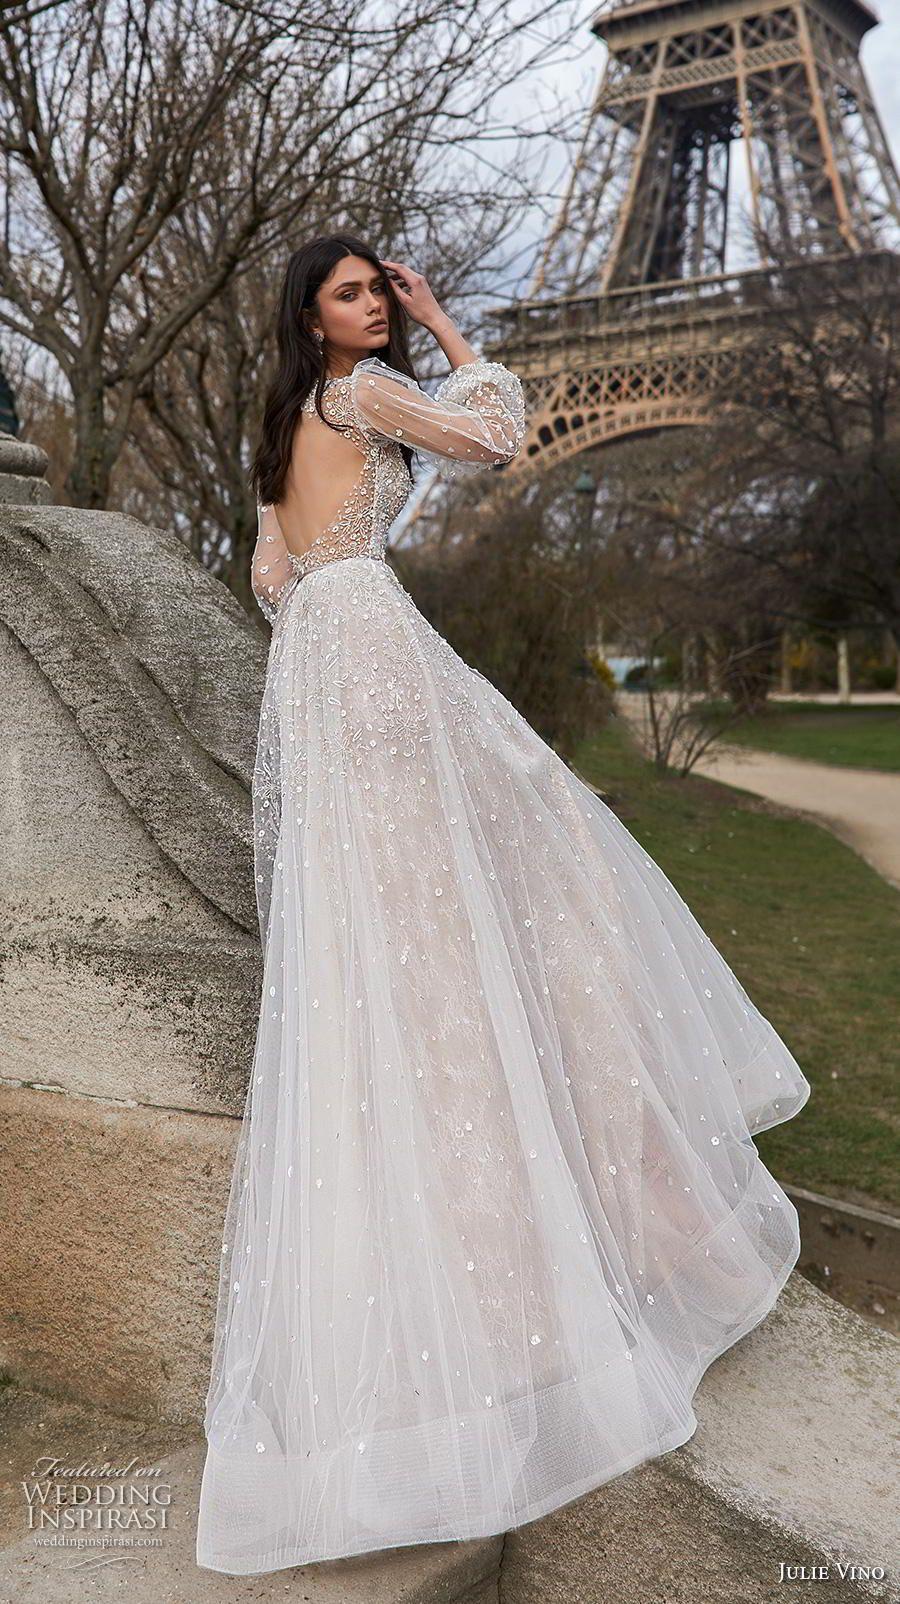 Long sleeve v neck wedding dress  Julie Vino  Wedding Dresses u ucParisud Bridal Collection